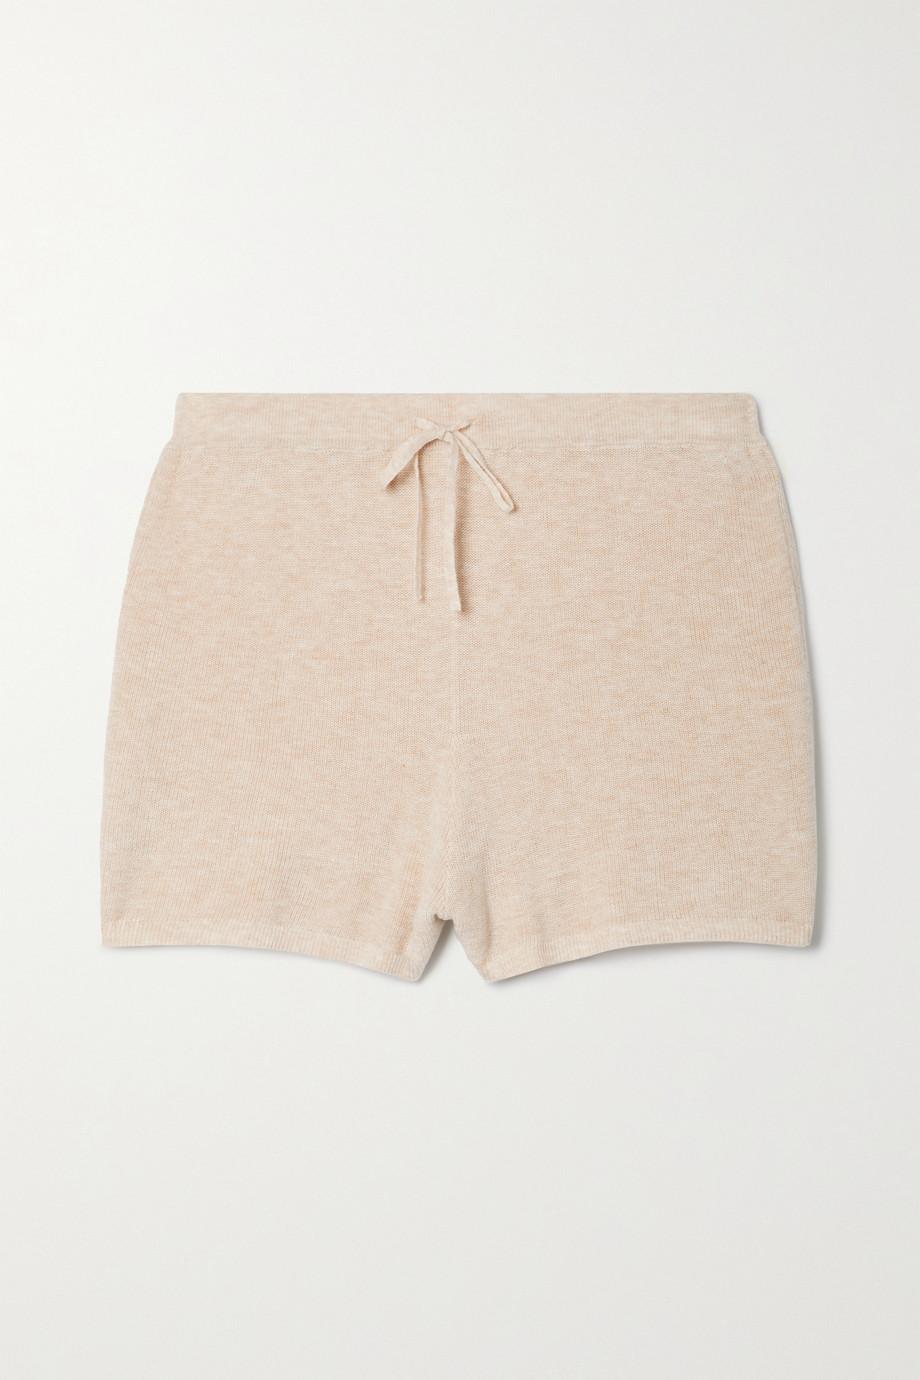 Skin + NET SUSTAIN Weslin Shorts aus einer gerippten Biobaumwollmischung